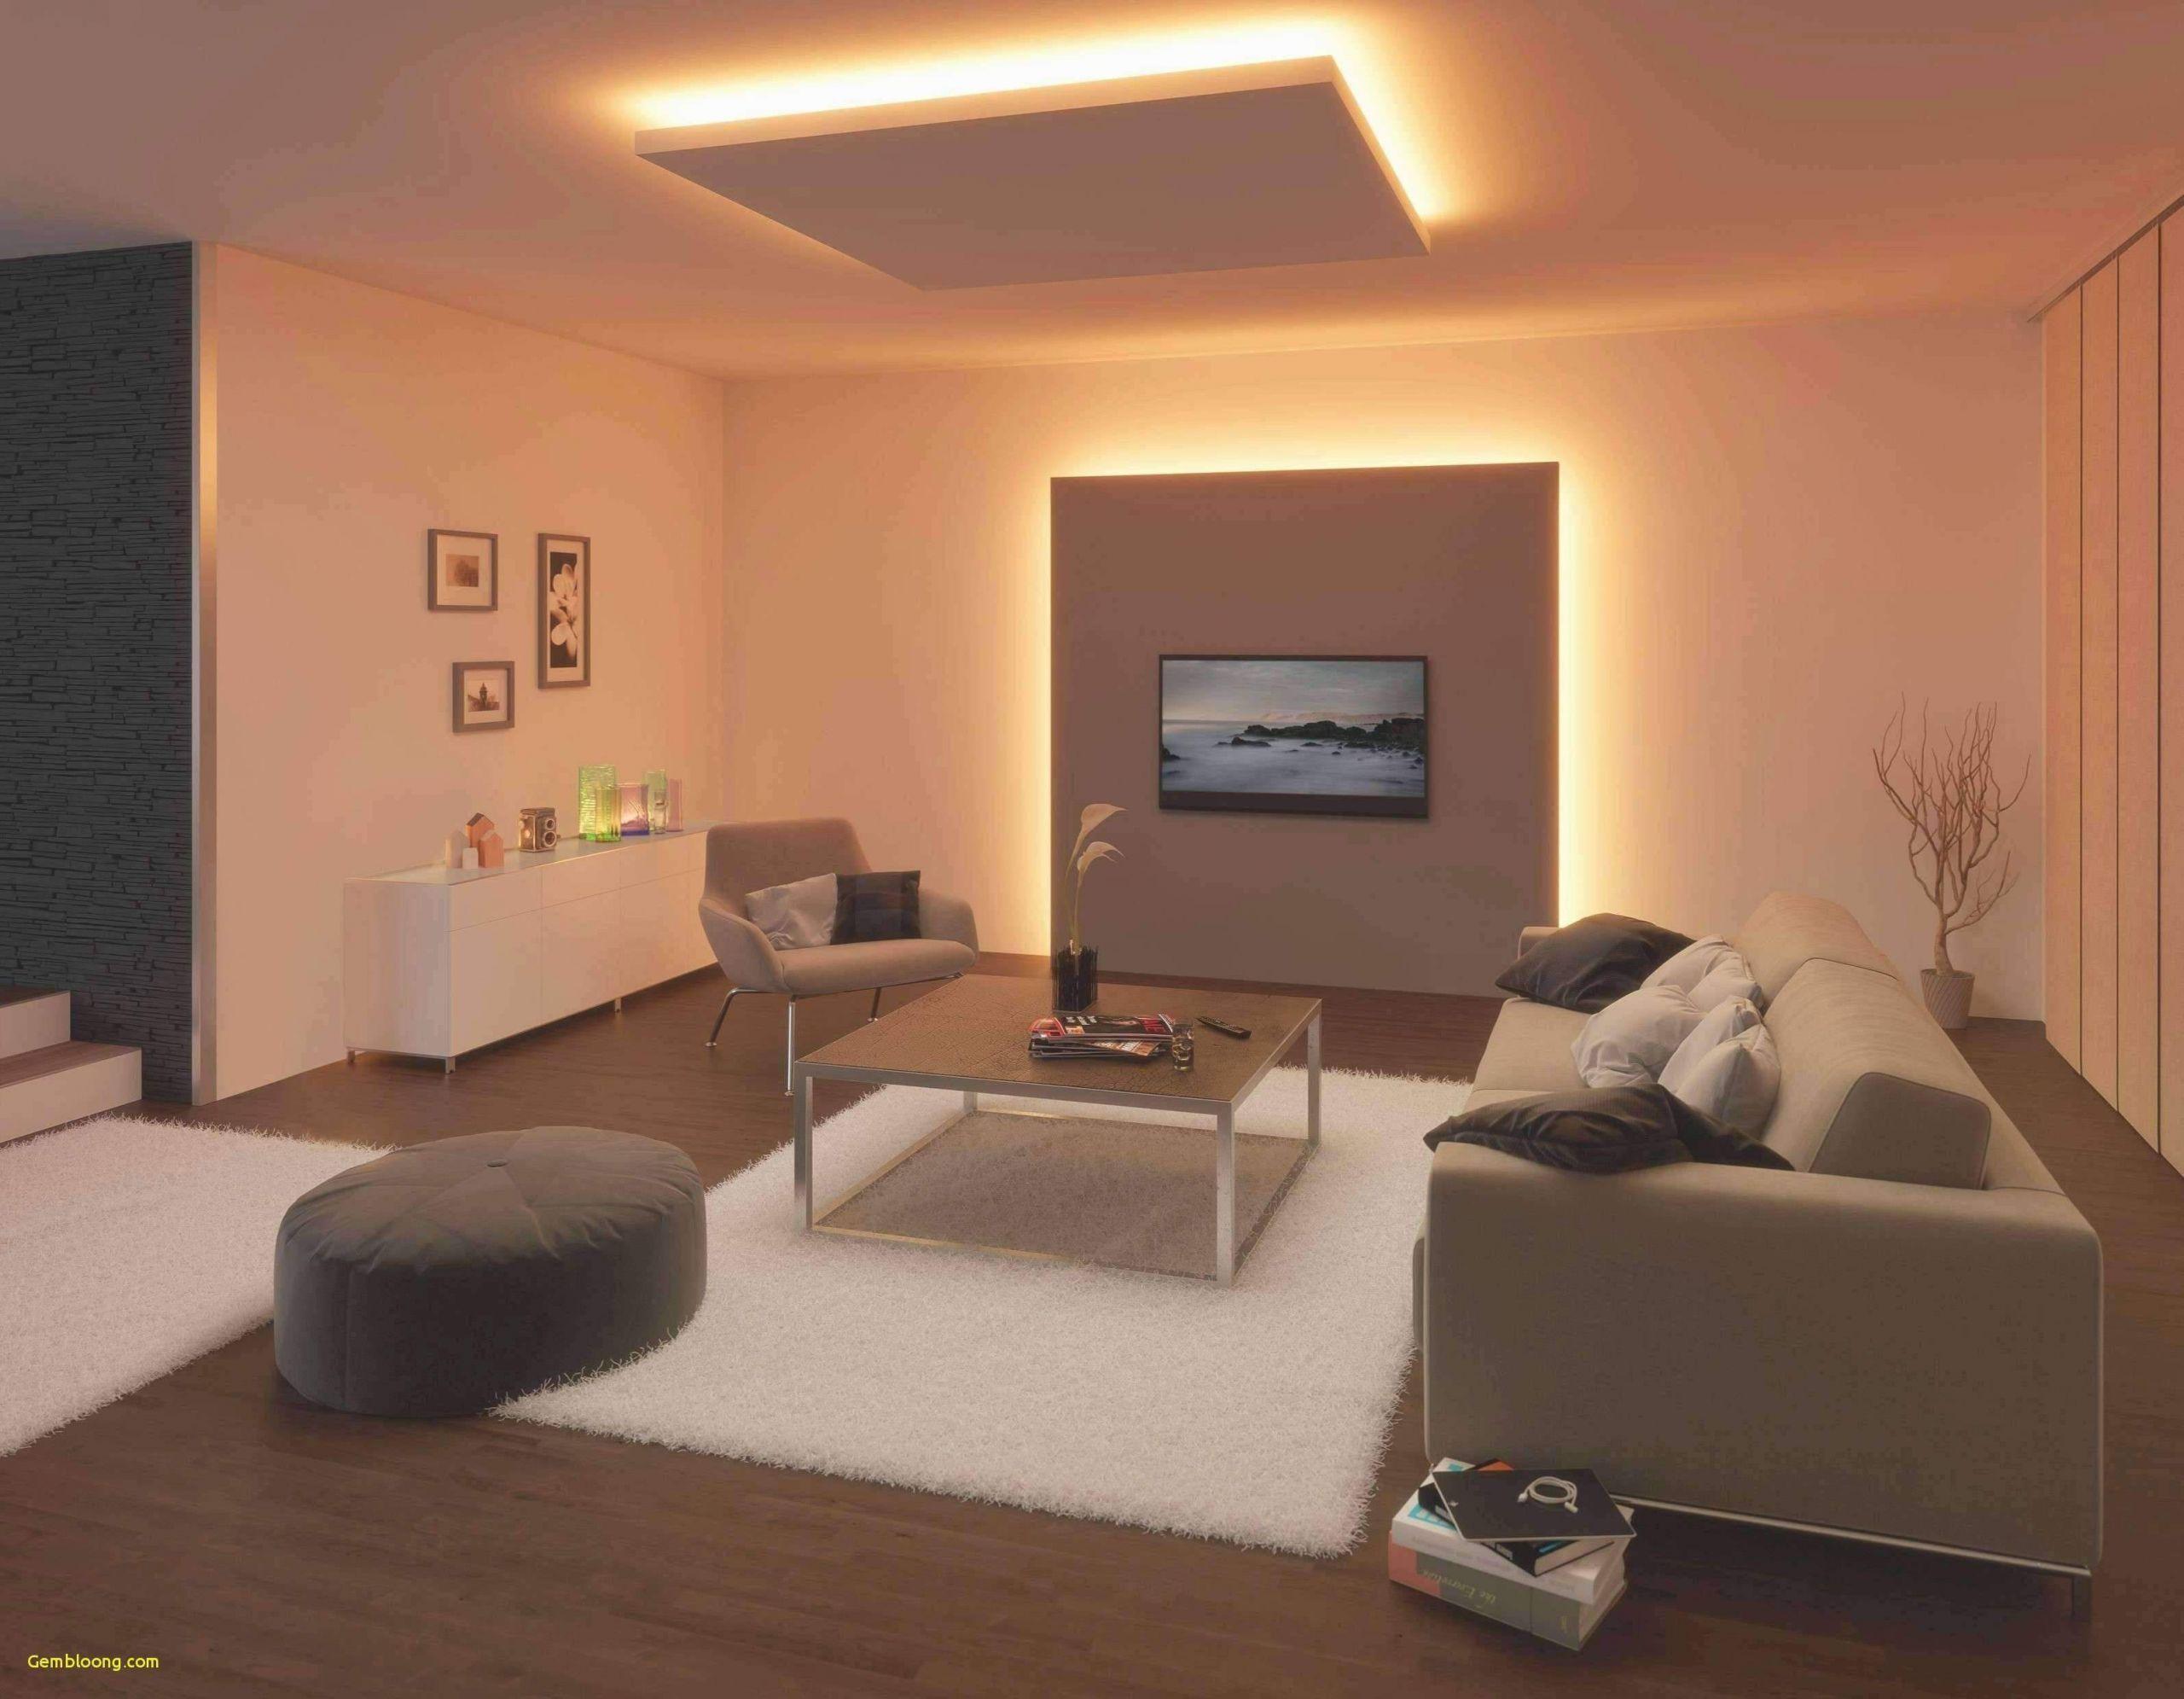 deko wohnzimmer selber machen einzigartig wohnzimmer deko zum selber machen inspirierend of deko wohnzimmer selber machen scaled